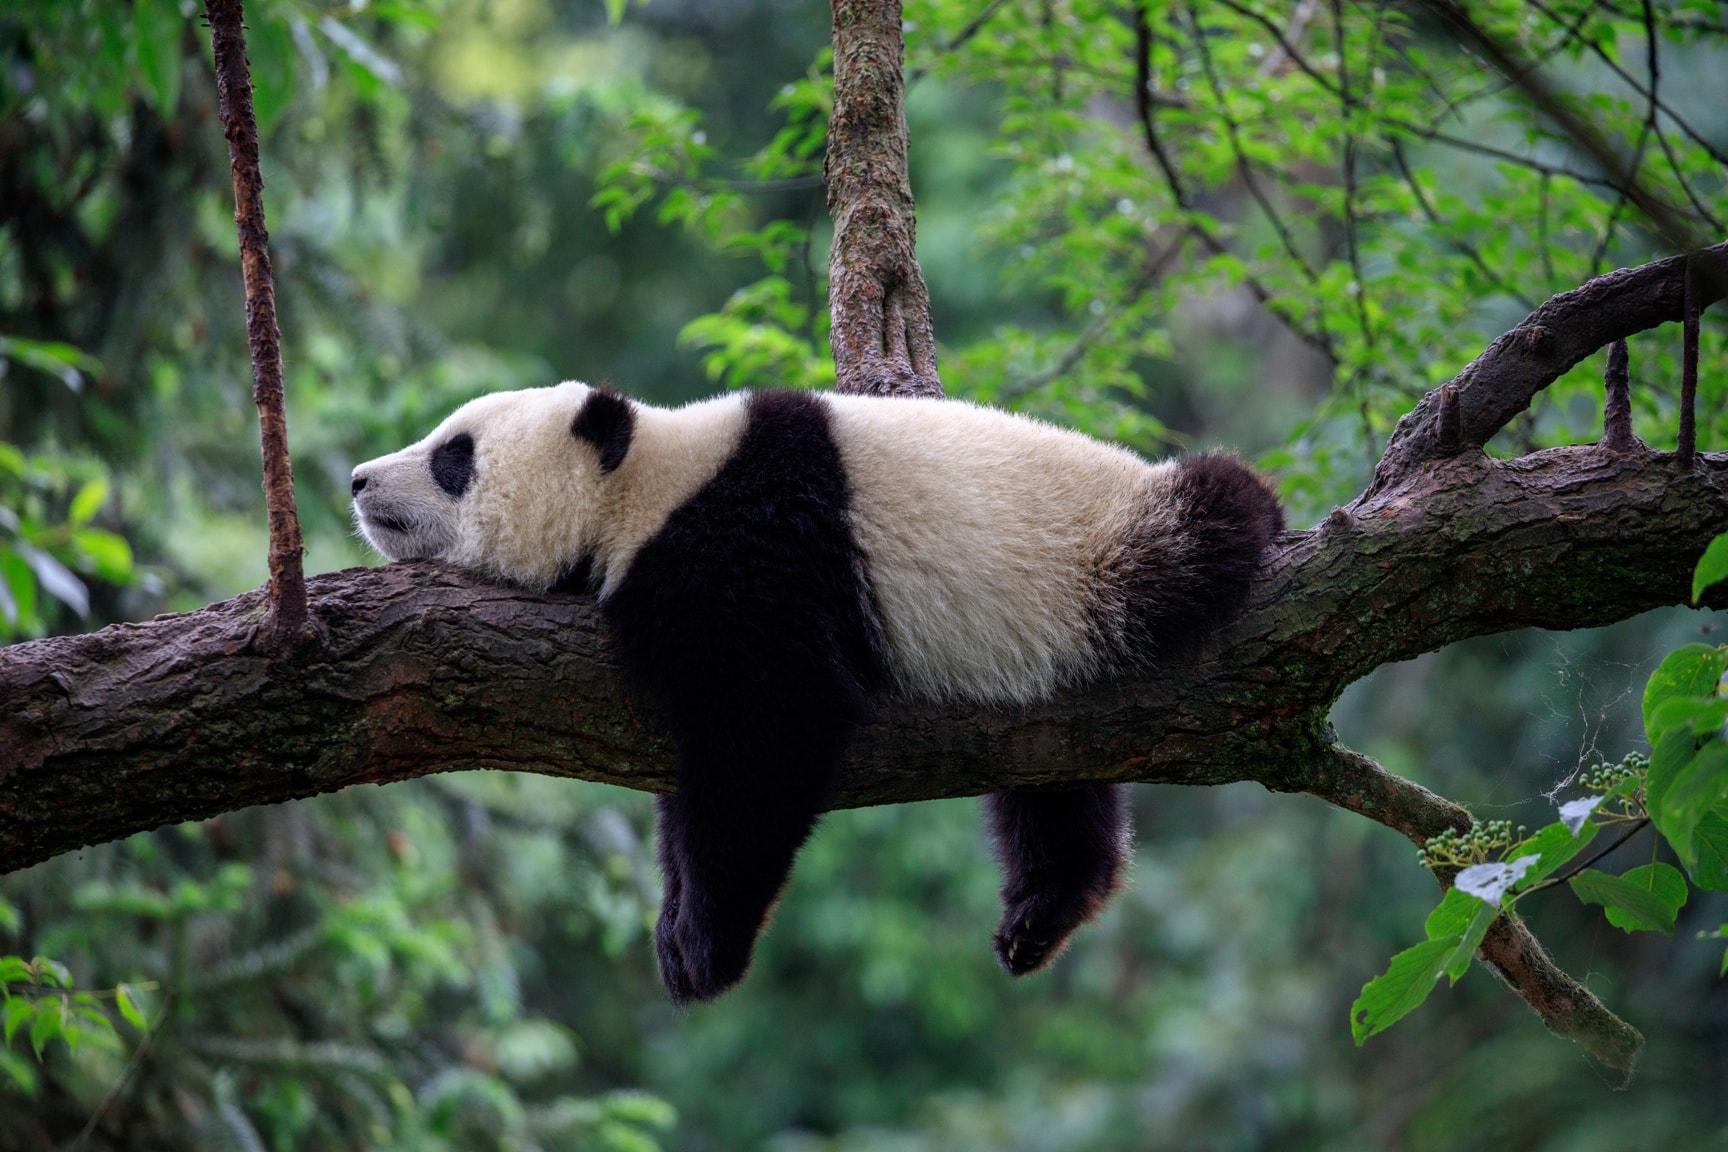 Pandabär in freier Wildbahn auf einem Ast liegend